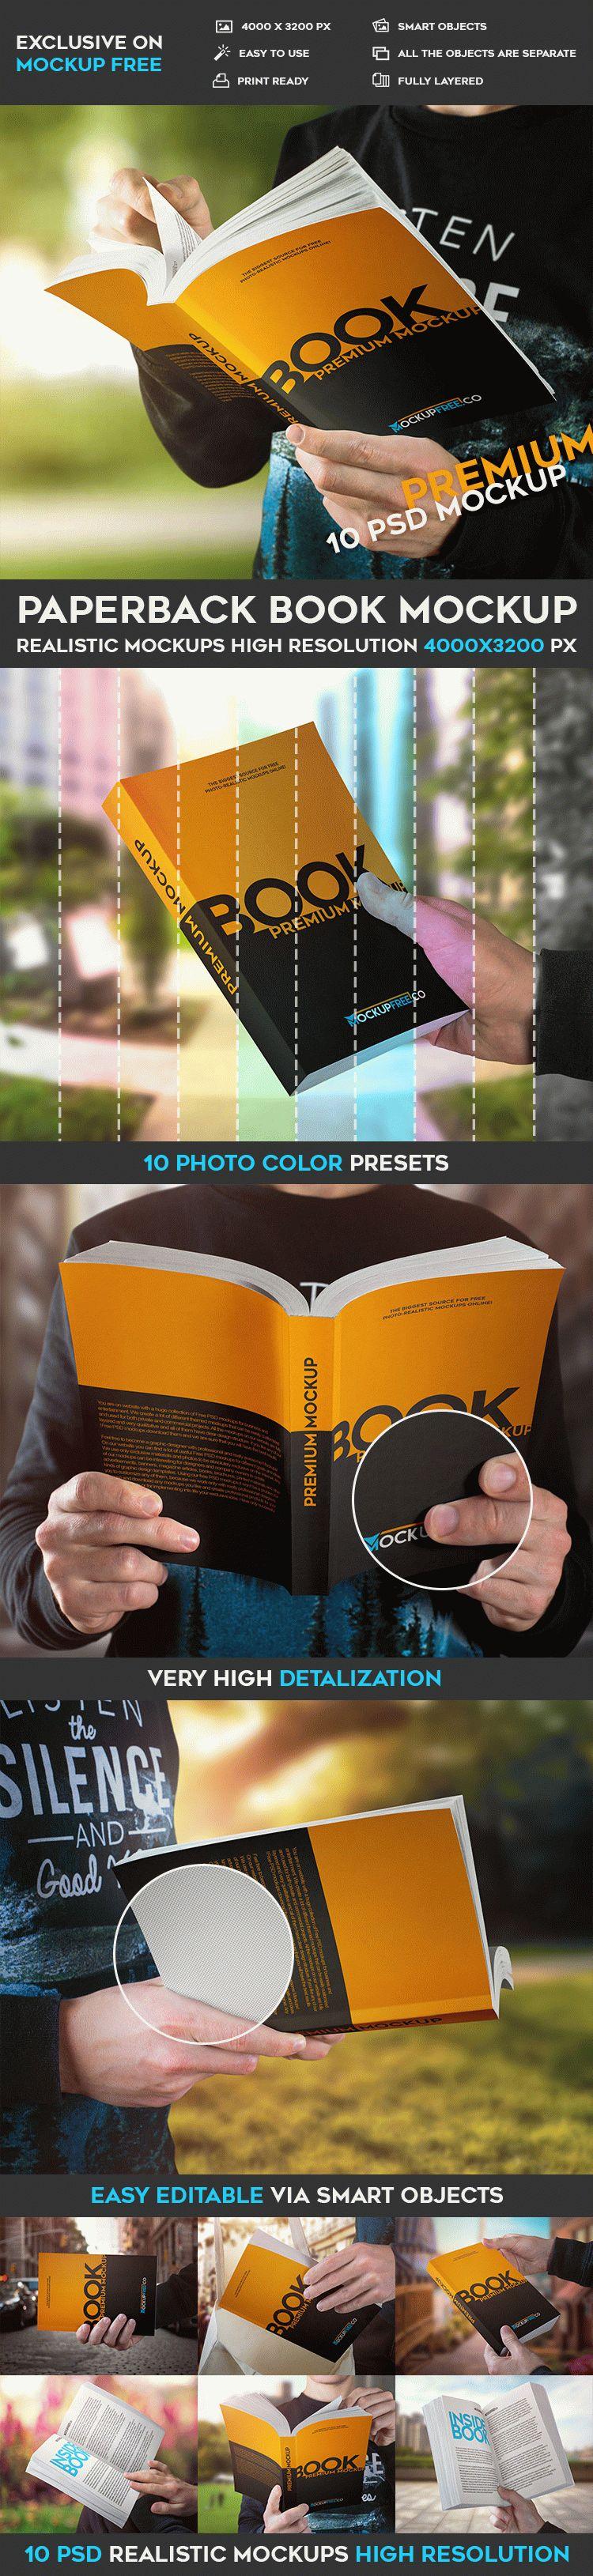 Preview_Big_premium_paperback-book-10-premium-psd-mockups